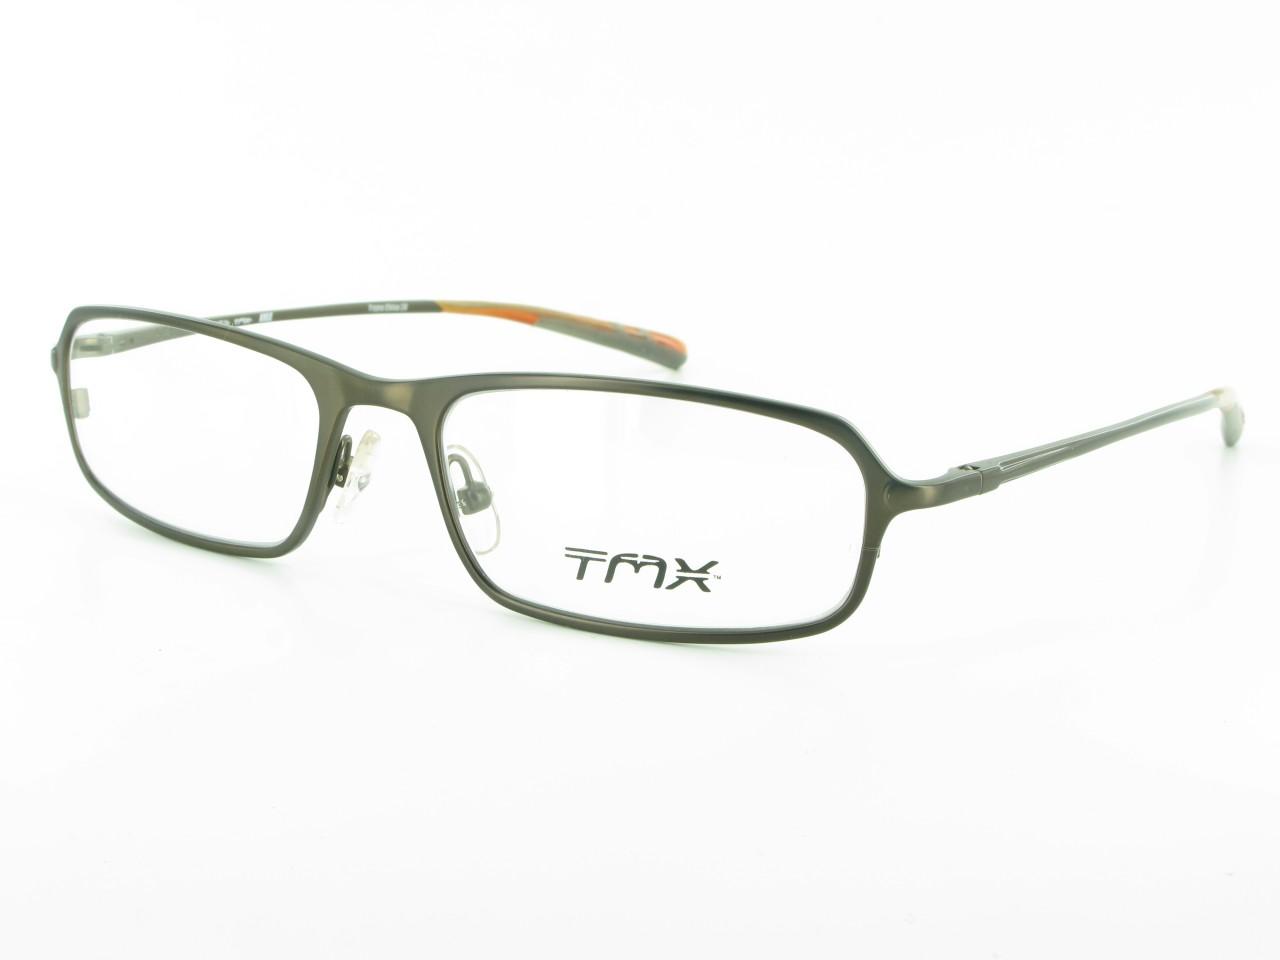 Timex Tmx Axle Eyeglass Frame Metal Spring Hinge Brown